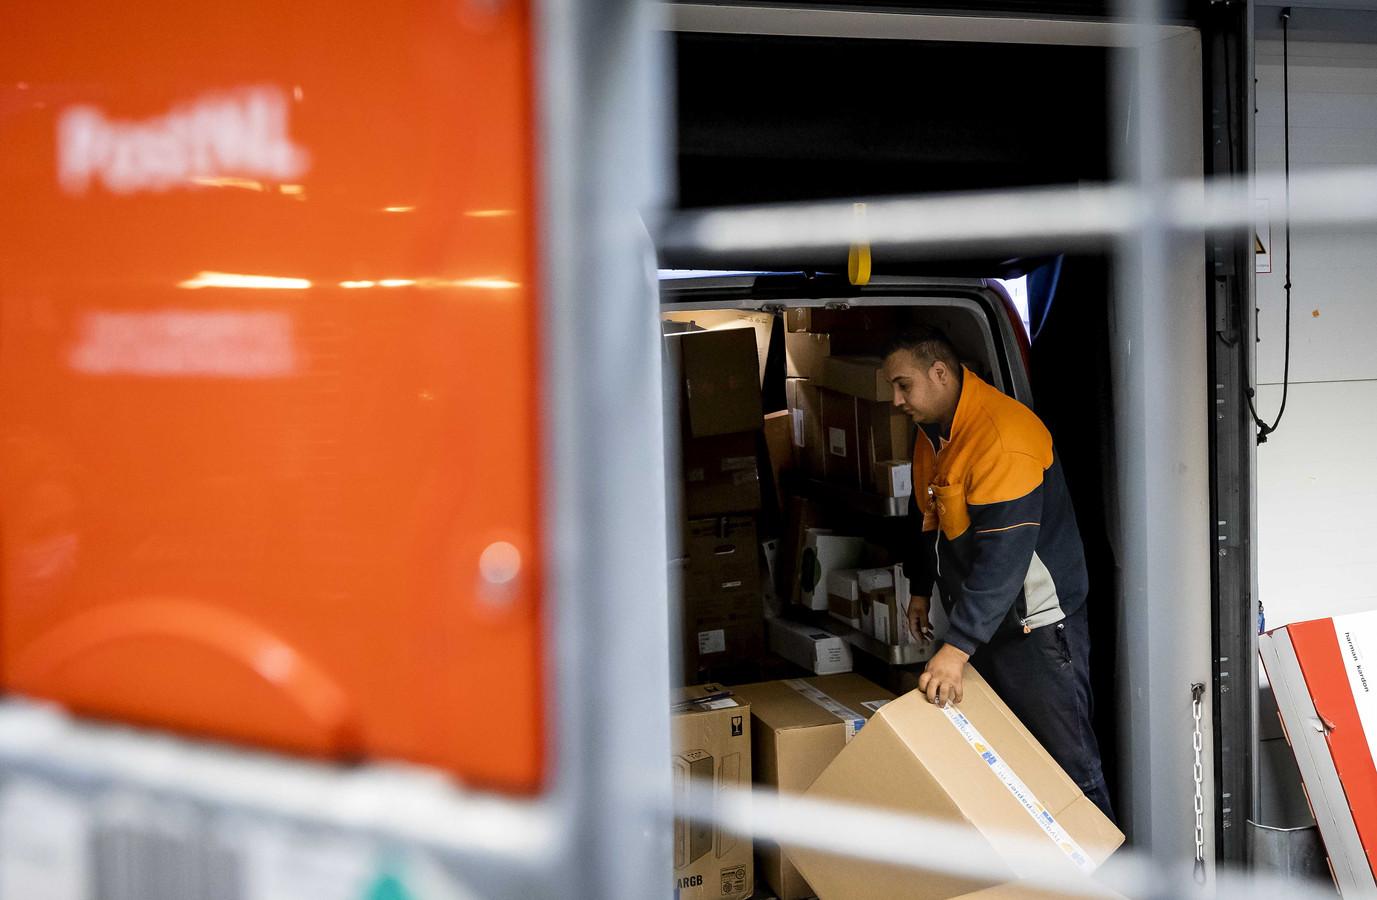 Medewerkers van post- en pakketbezorger PostNL sorteren pakketjes in het pakkettensorteercentrum. In aanloop naar Black Friday, Sinterklaas en Kerst is dit een van de drukste periodes van het jaar. De medewerkers krijgen er structureel meer loon bij.